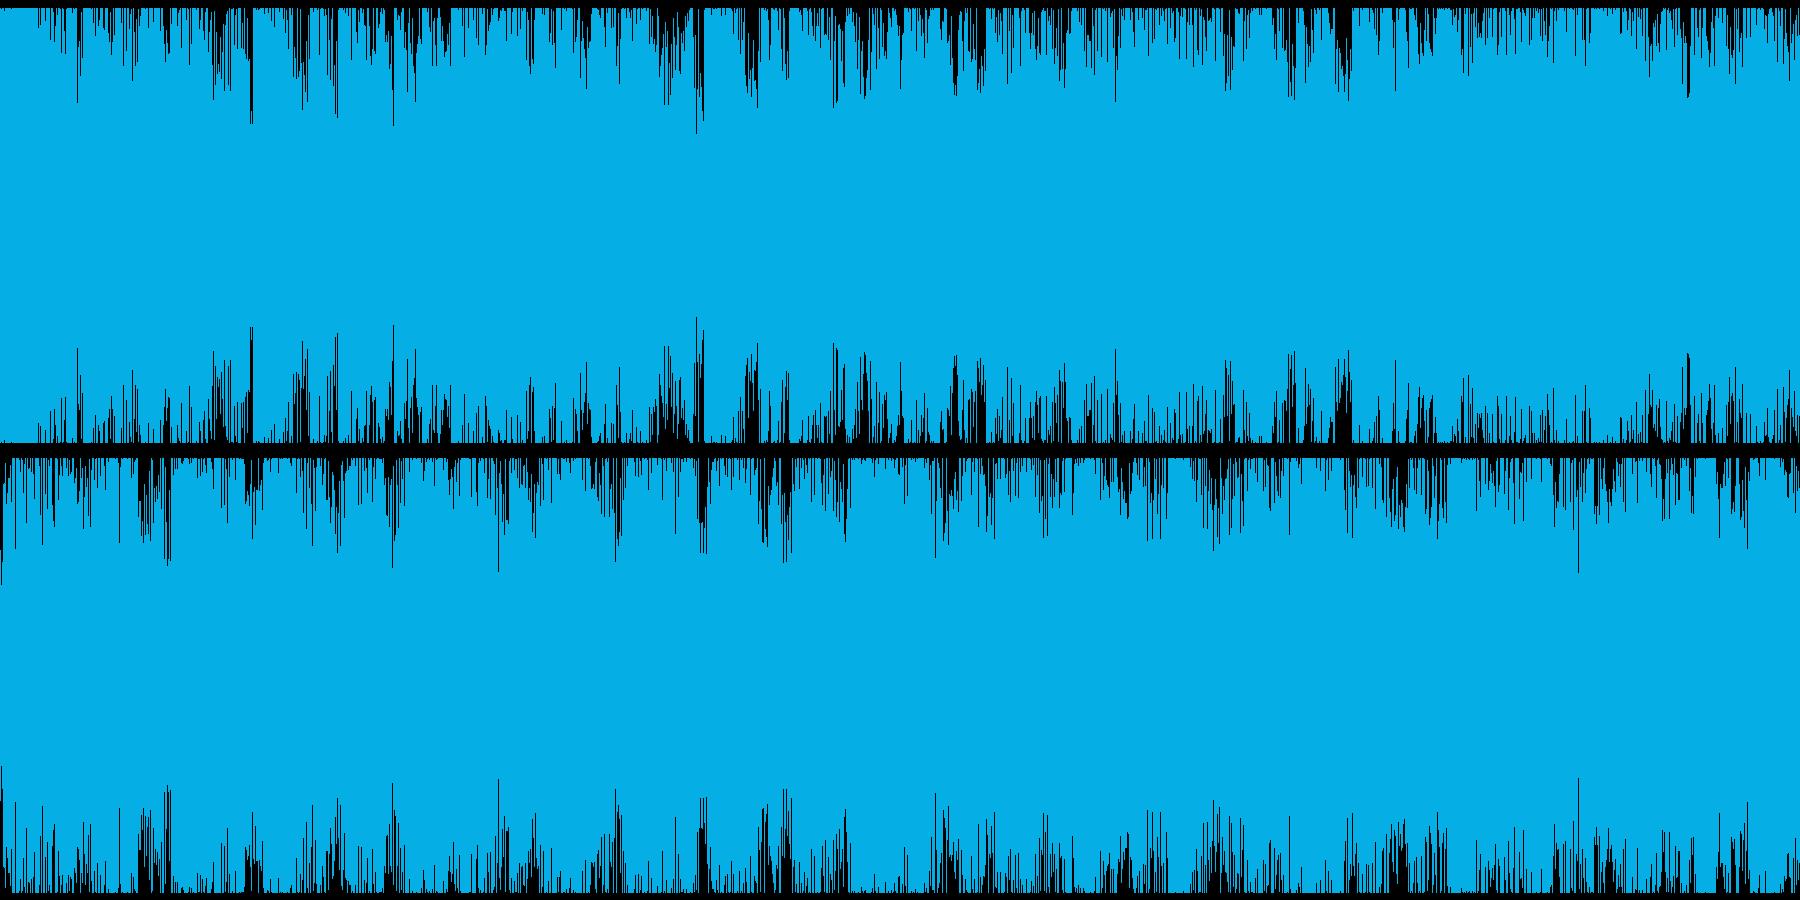 ゲーム向け勇ましい戦闘曲オーケストラ系の再生済みの波形